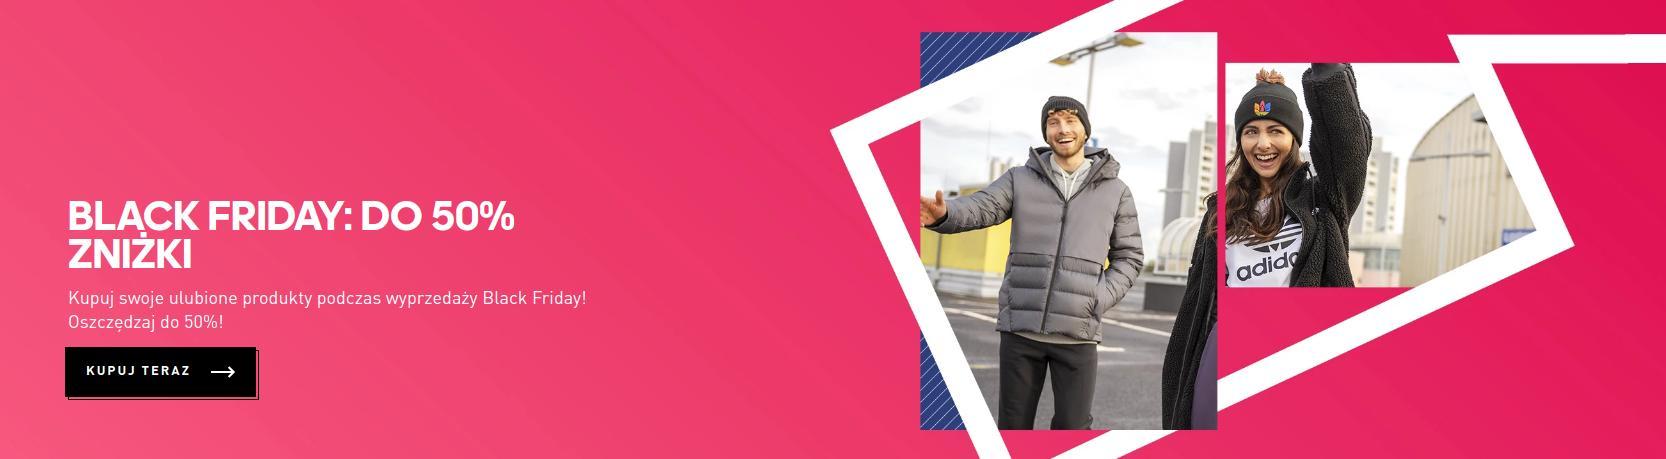 Adidas: Black Friday do 50% rabatu na buty, odzież i akcesoria sportowe Adidas